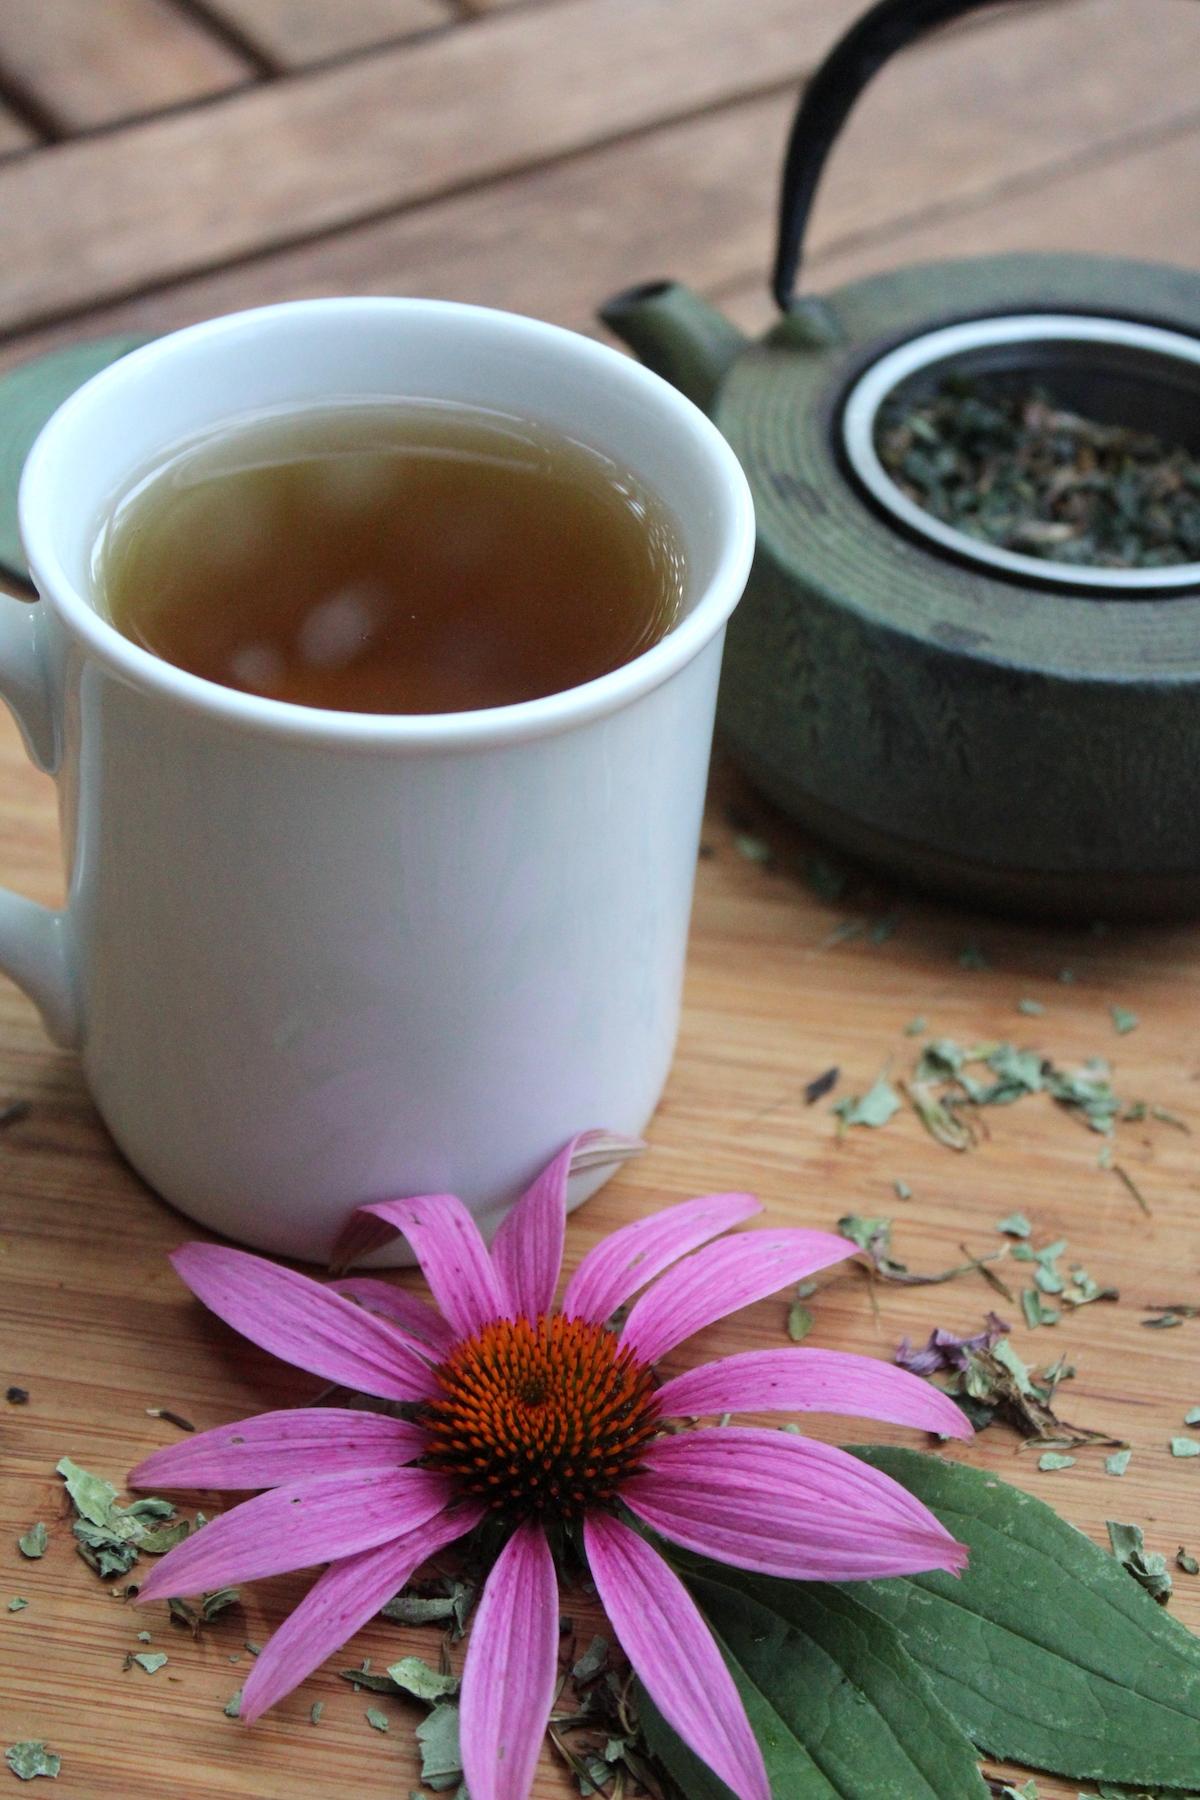 Homemade Echinacea Tea